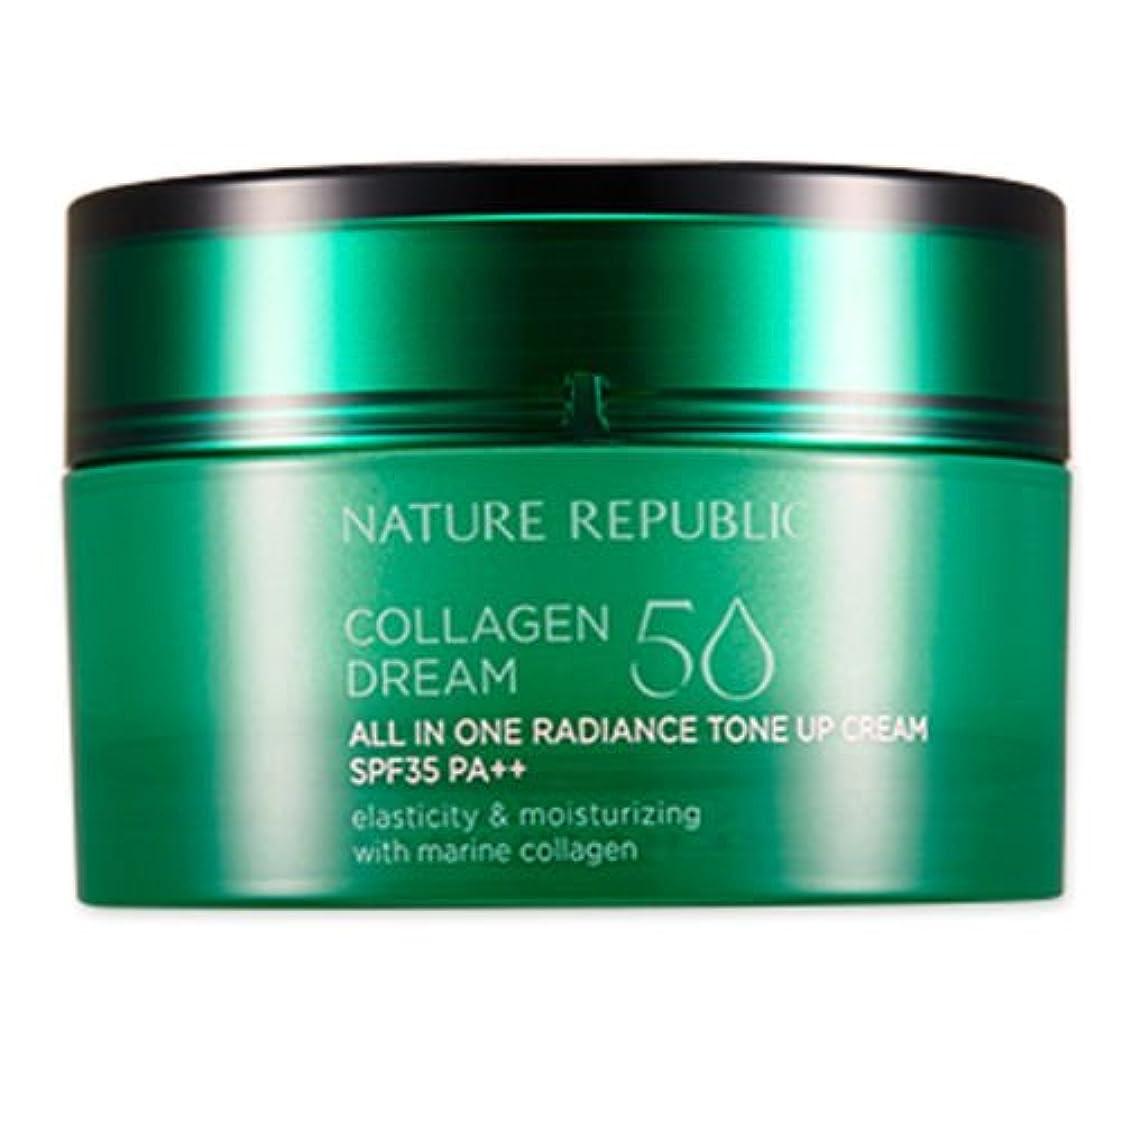 用量せがむ不運NATURE REPUBLIC Collagen Dream 50 All-In-One Radiance Tone Up Cream(SPF35PA++) ネイチャーリパブリック [韓国コスメ ] コラーゲンドリーム50...